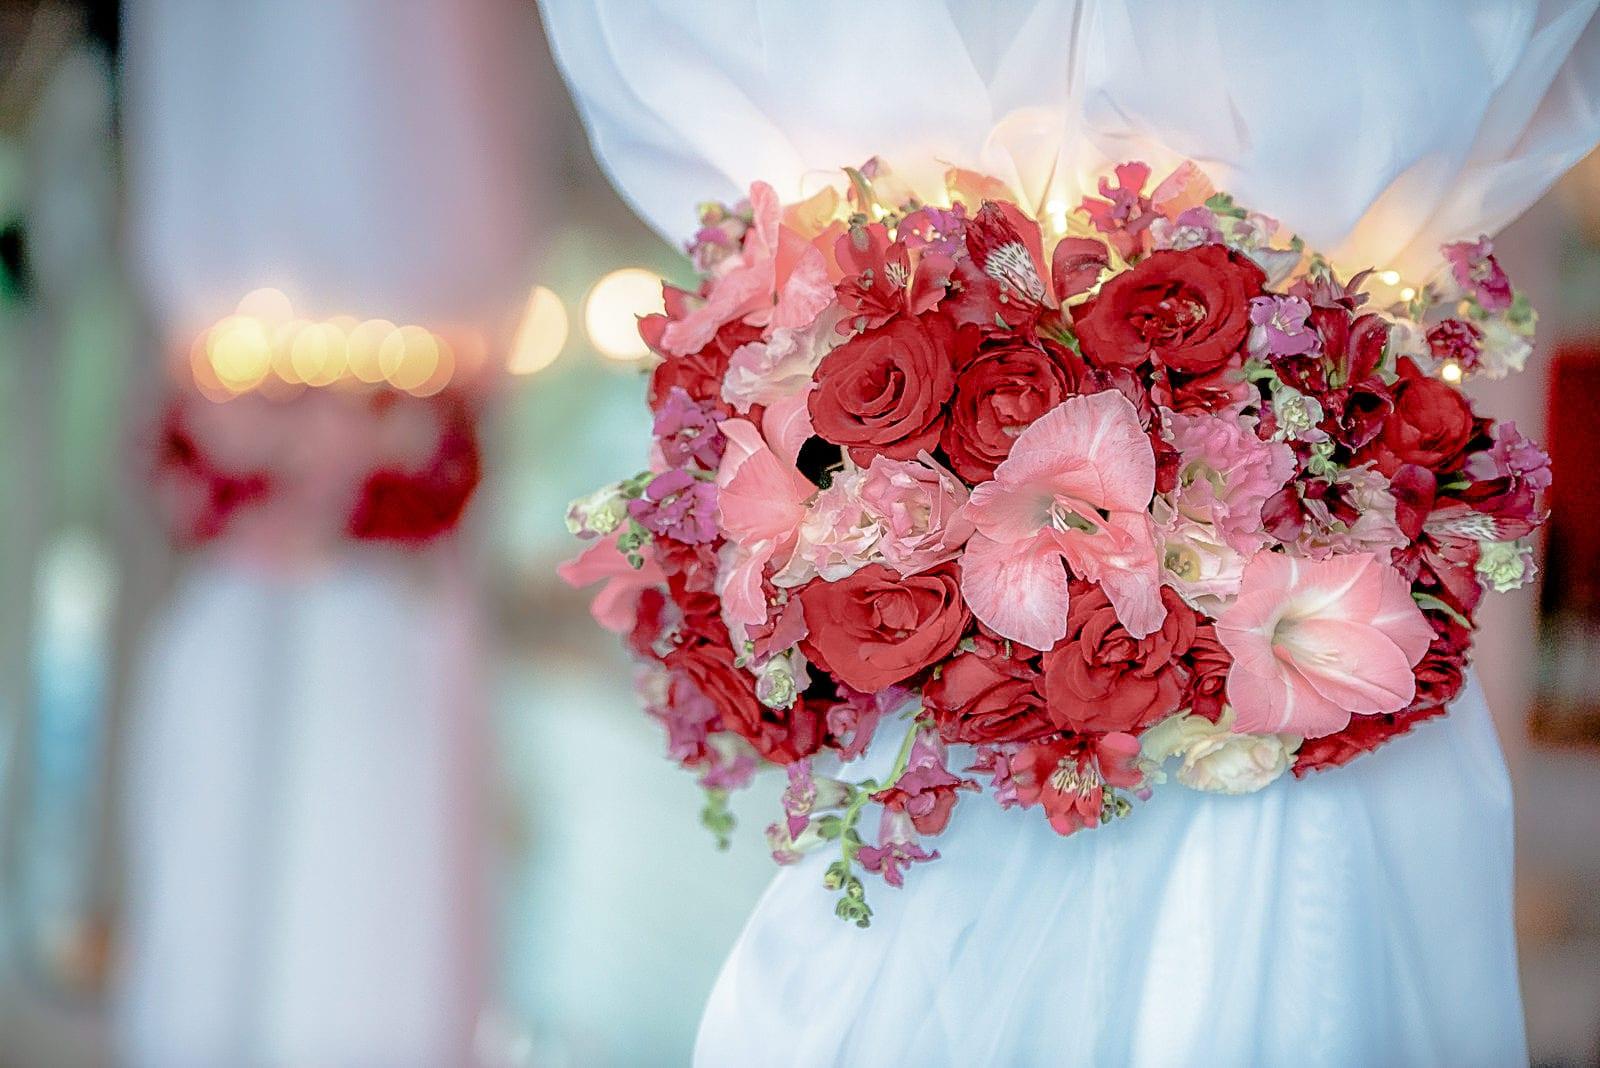 сватбени цветя, червени рози за сватба, декорация на сватбена агенция Приказен ден, сватбен агент Мариела Уилсън